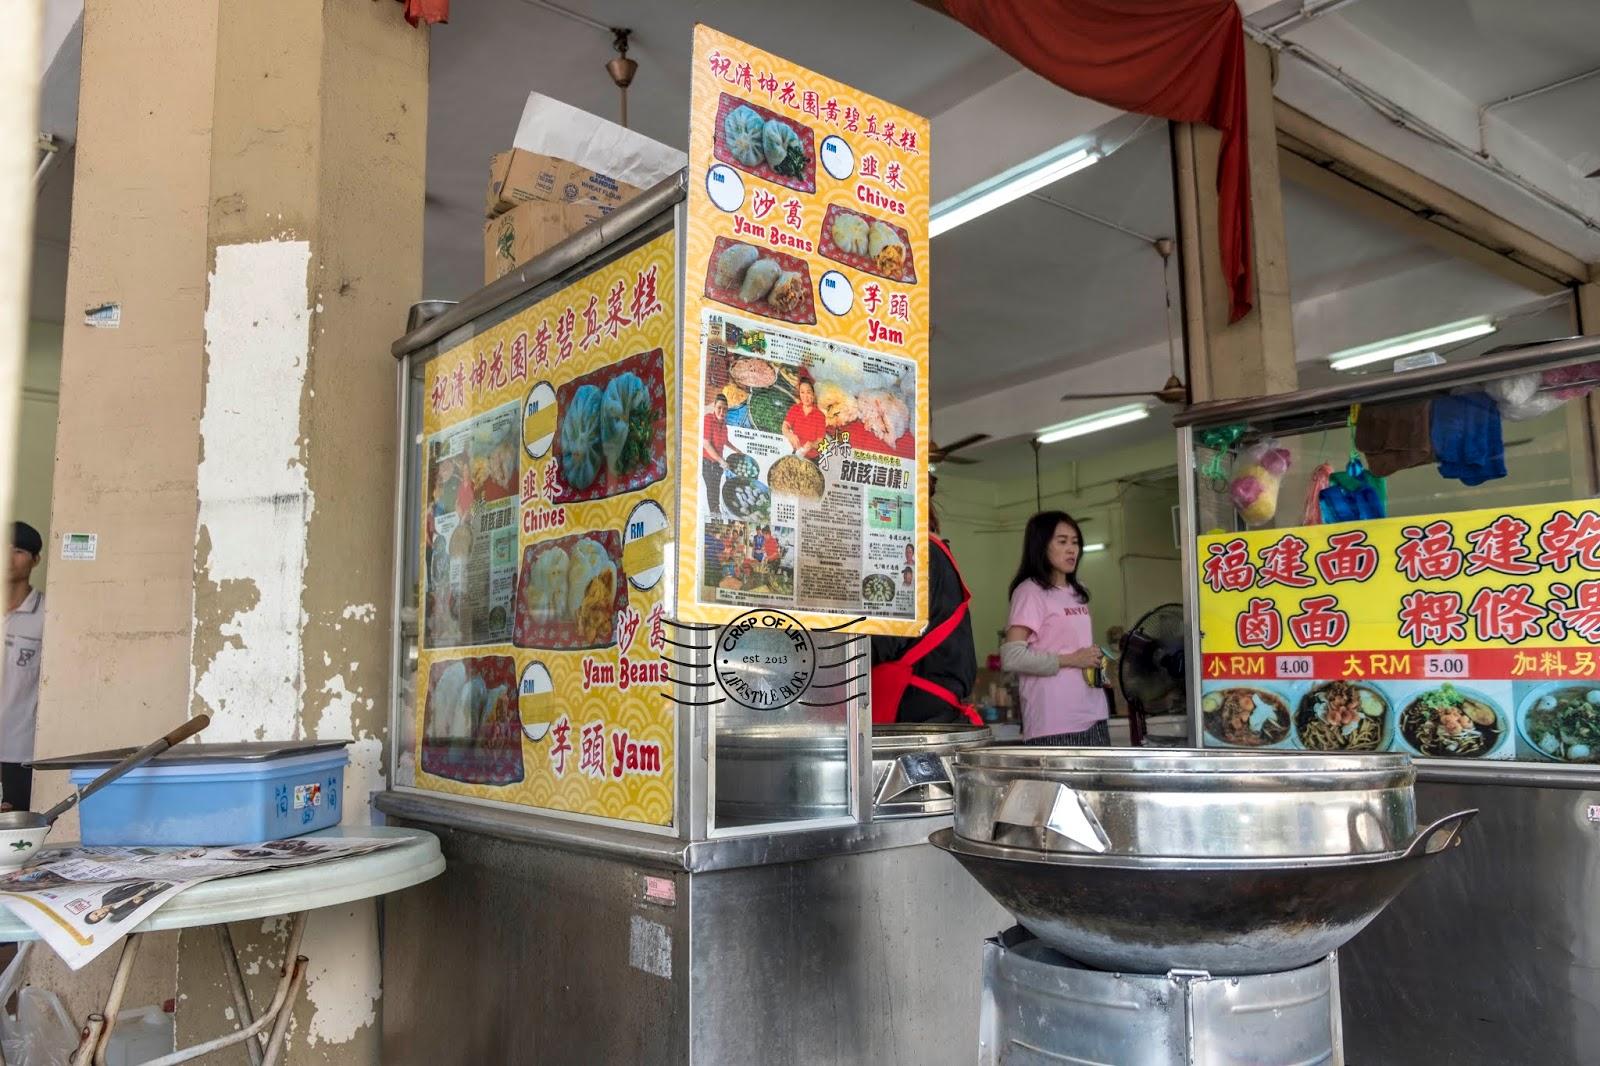 Chai Koay 祝清坤花园黄碧真菜粿 at Hao Hao Coffe Shop, Simpang Ampat, Penang